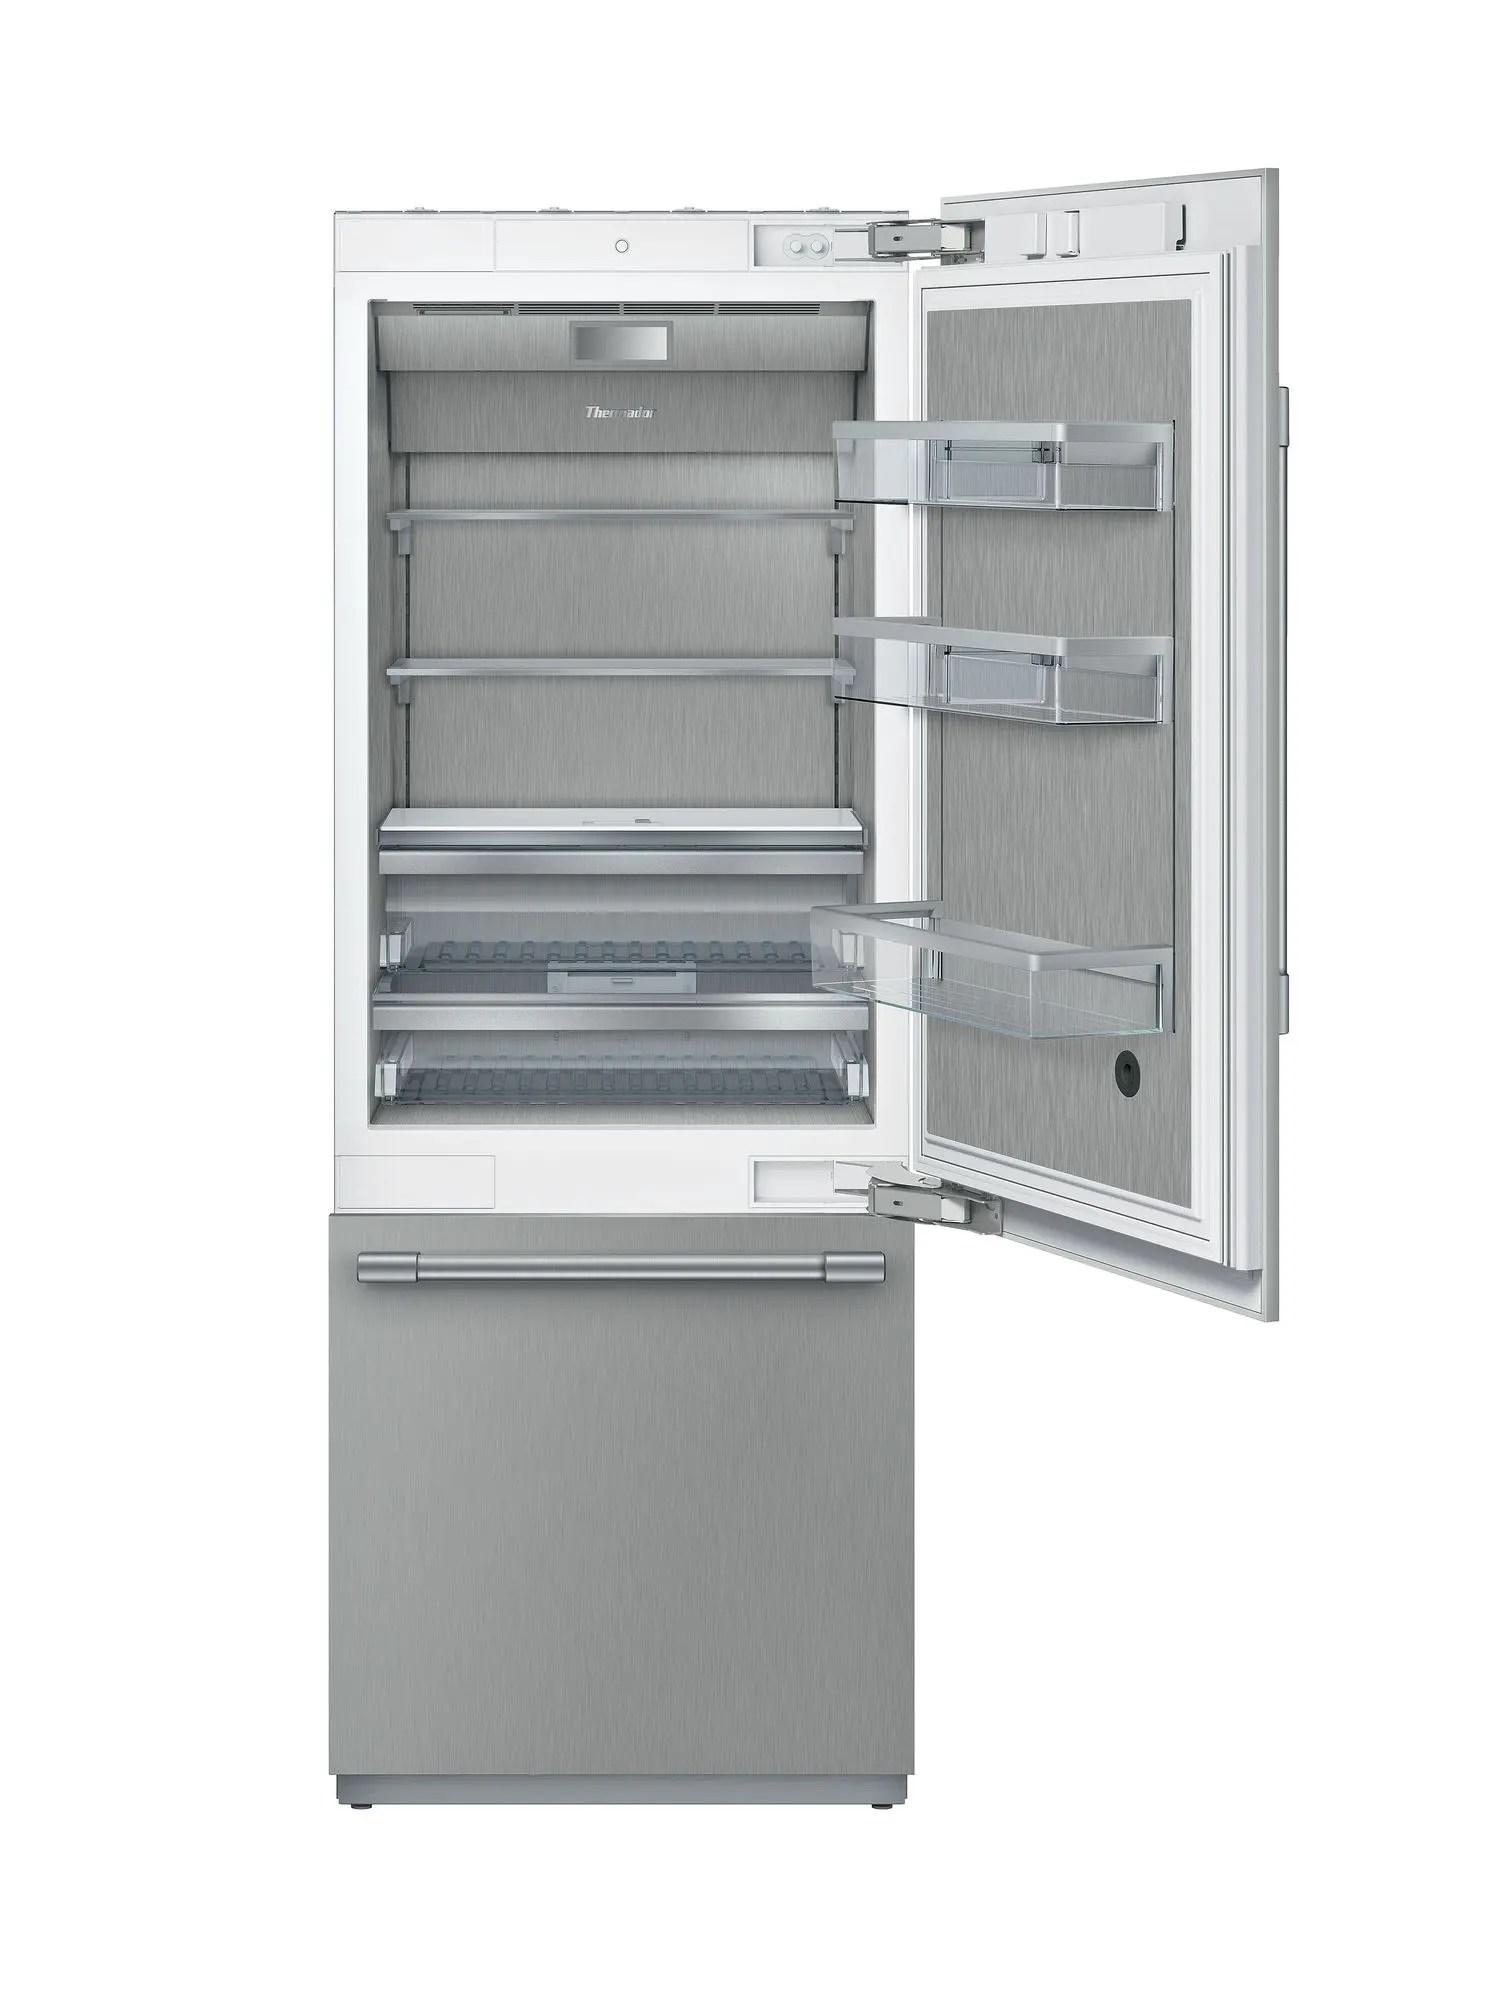 Built-in Two Door Bottom Freezer 30'' Professional